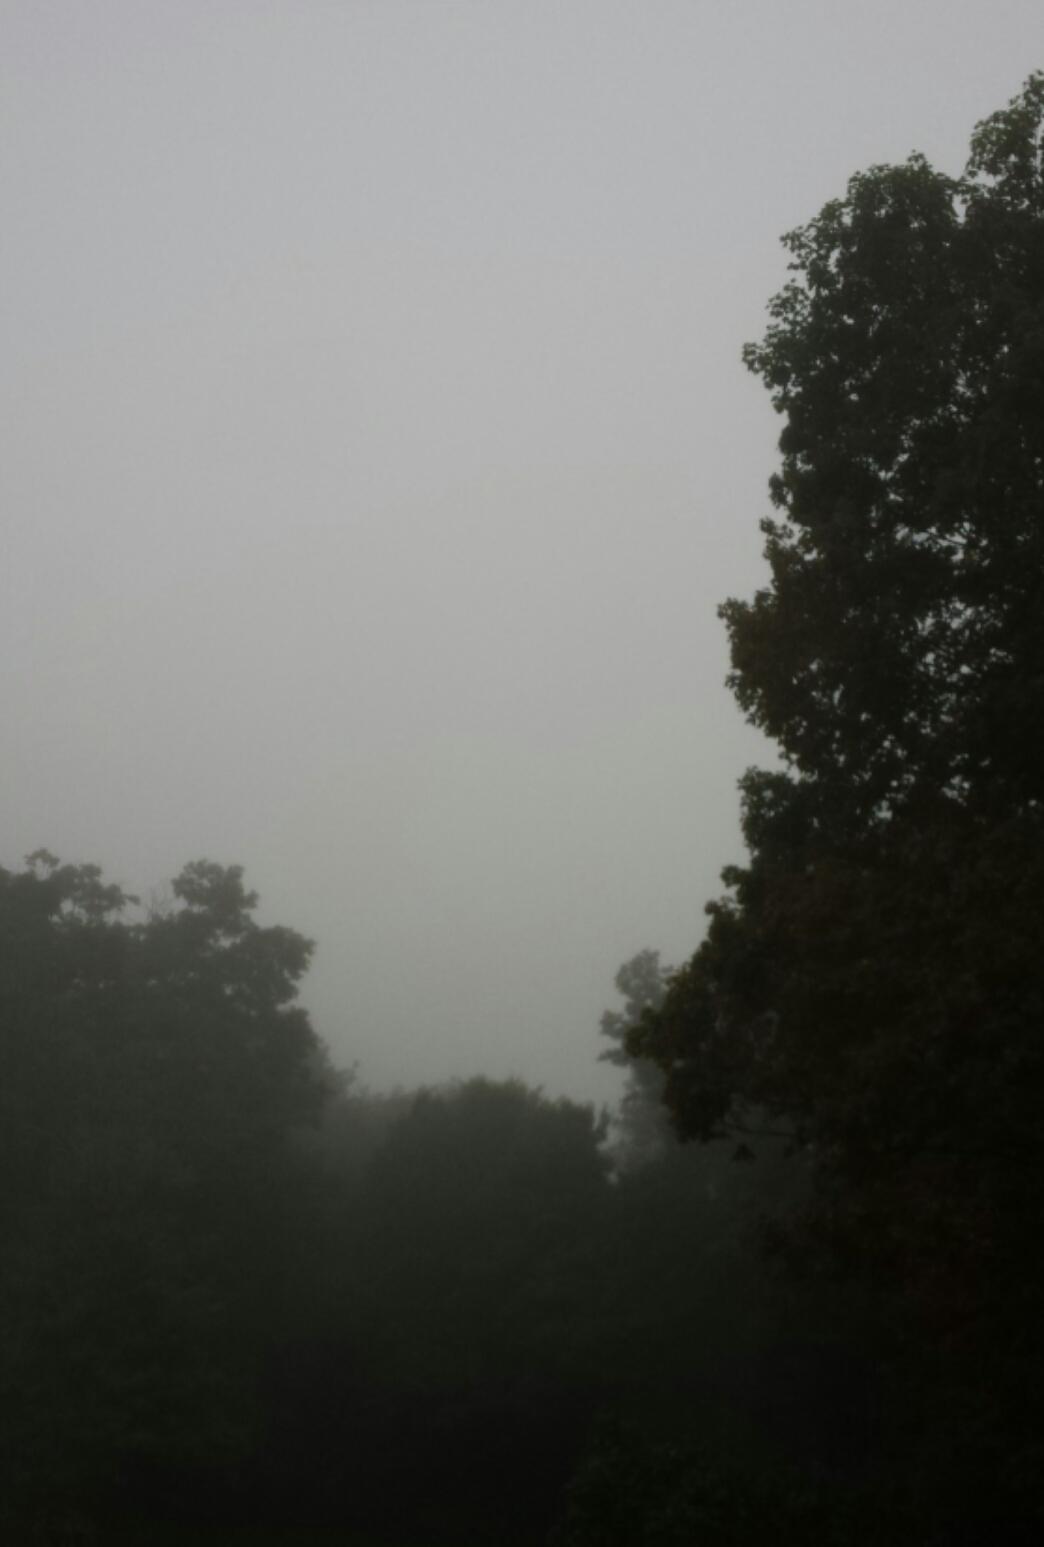 Fog over trees 20170917_202952